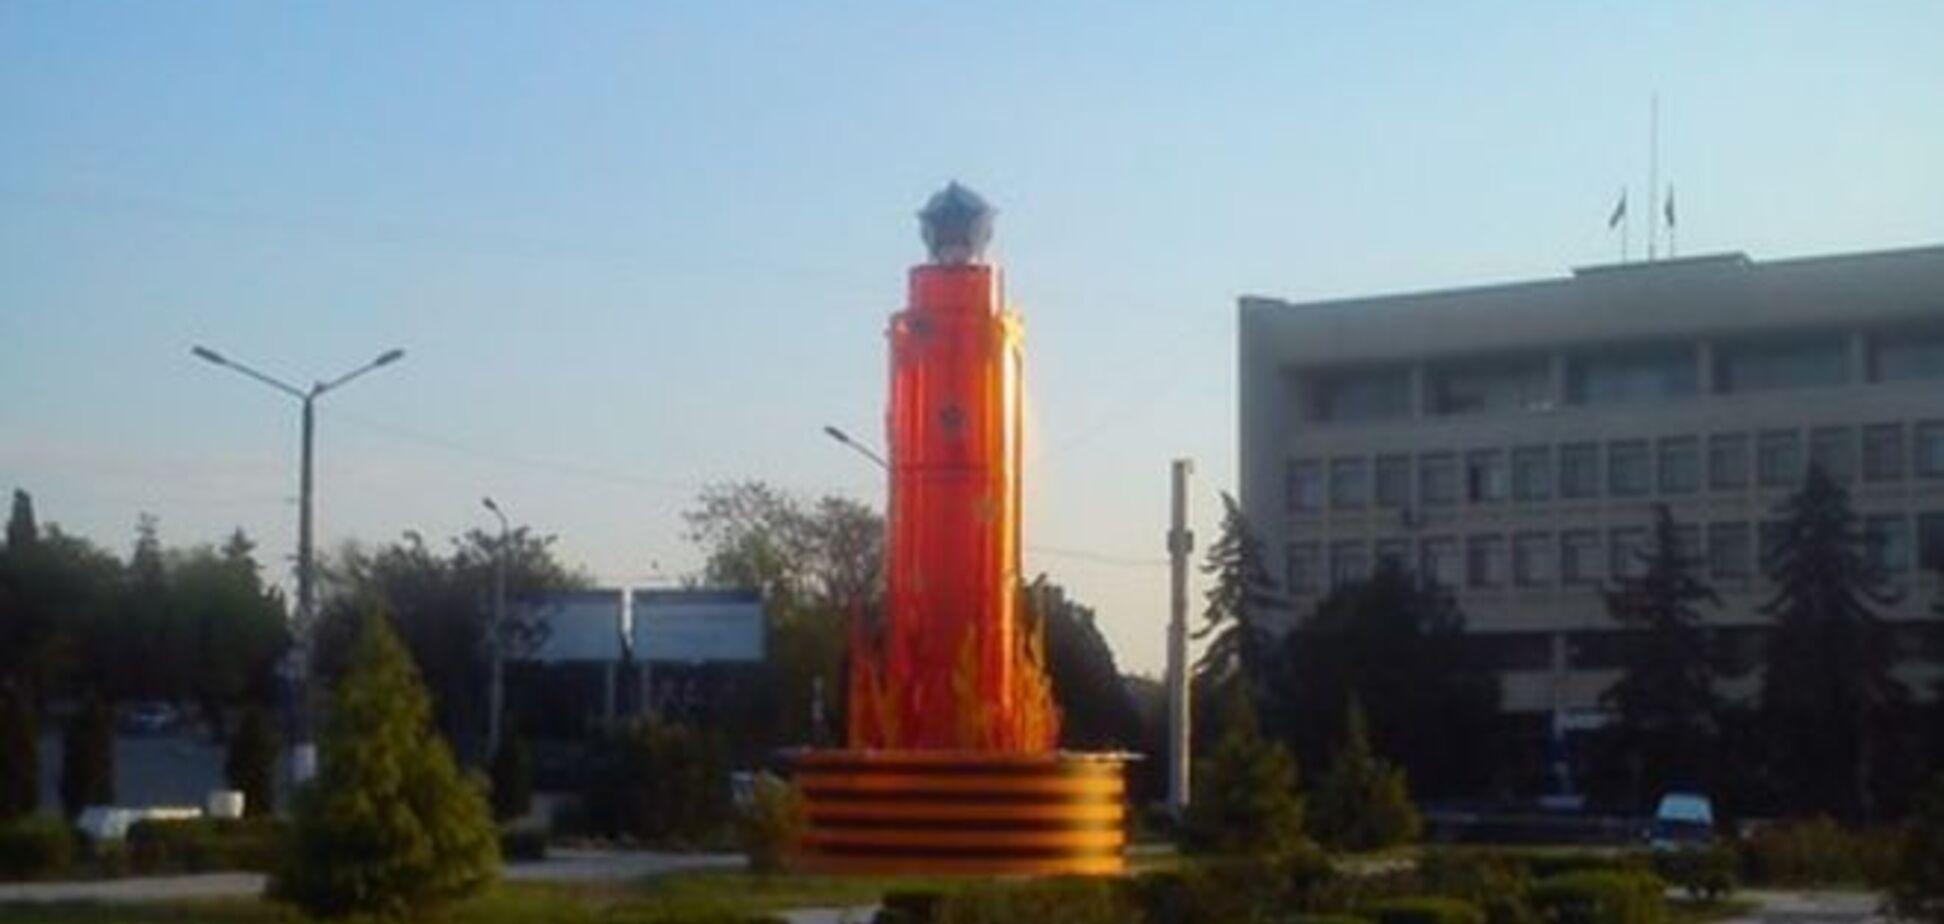 По-Фрейду. В Севастополе установили полосатый 'обелиск победобесия': фотофакт